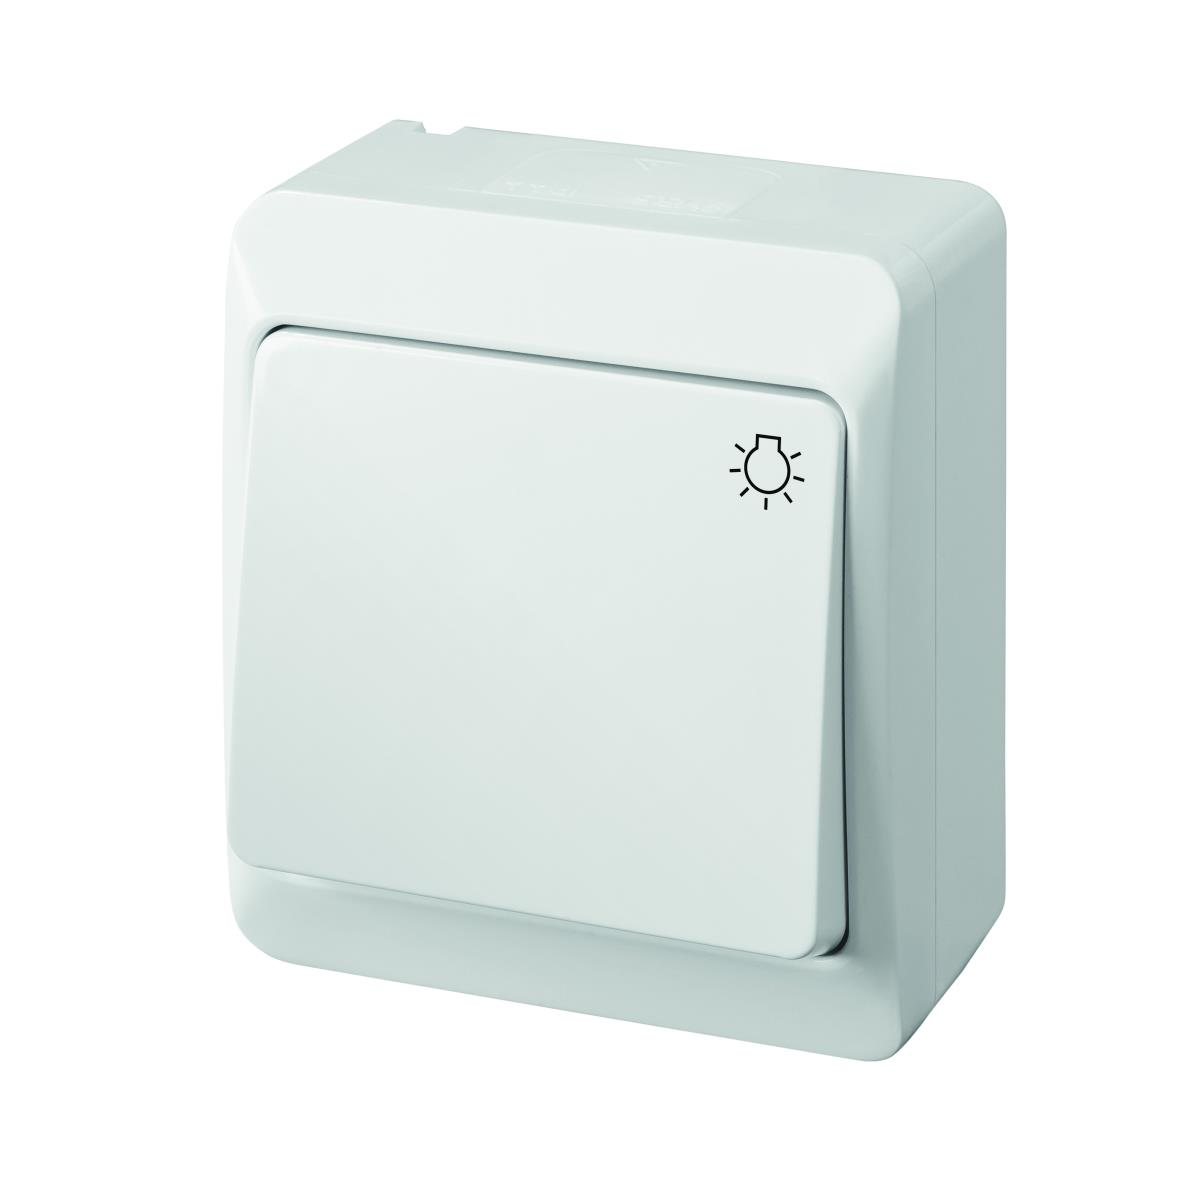 Aufputz einfach Taster Licht 10 A 230 V IP44 Farbe weiß HERMES,Elektro-Plast,0336-02, 5901130484003